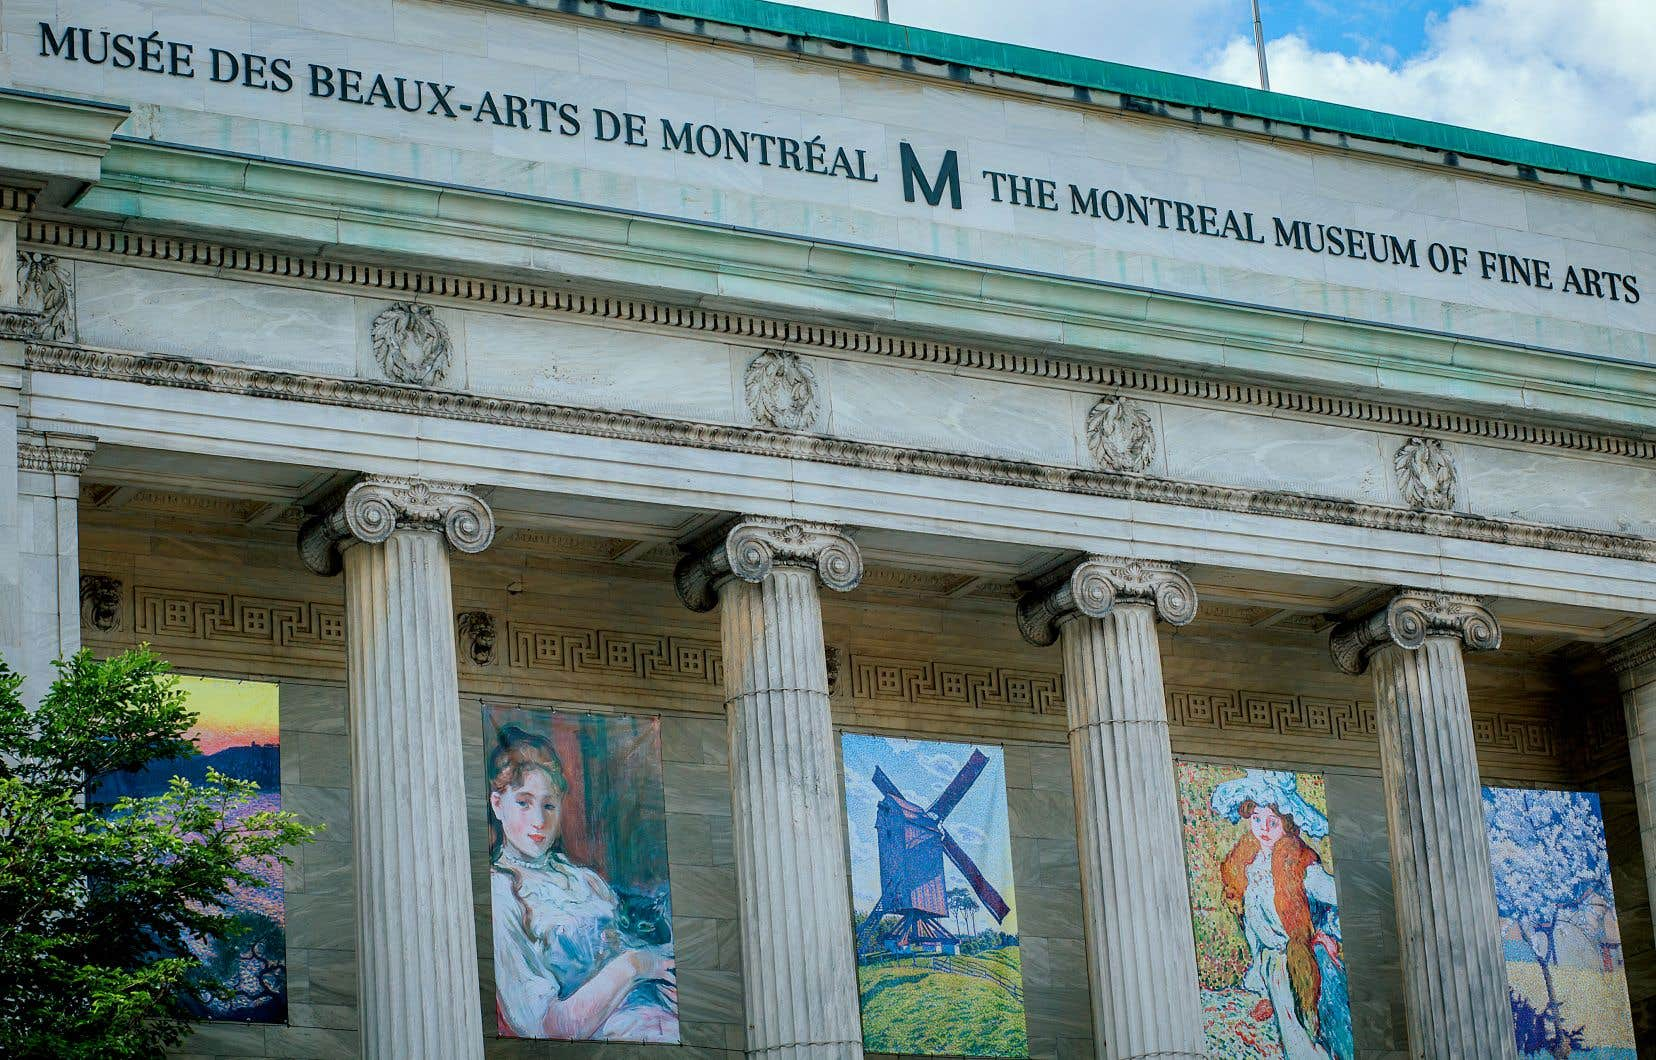 «Faut-il s'étonner que la gouvernance du MBAM soit mise à mal alors que la Loi sur le Musée des beaux-arts de Montréal qui régit sa gouvernance est elle-même bancale?», se demande l'auteur.